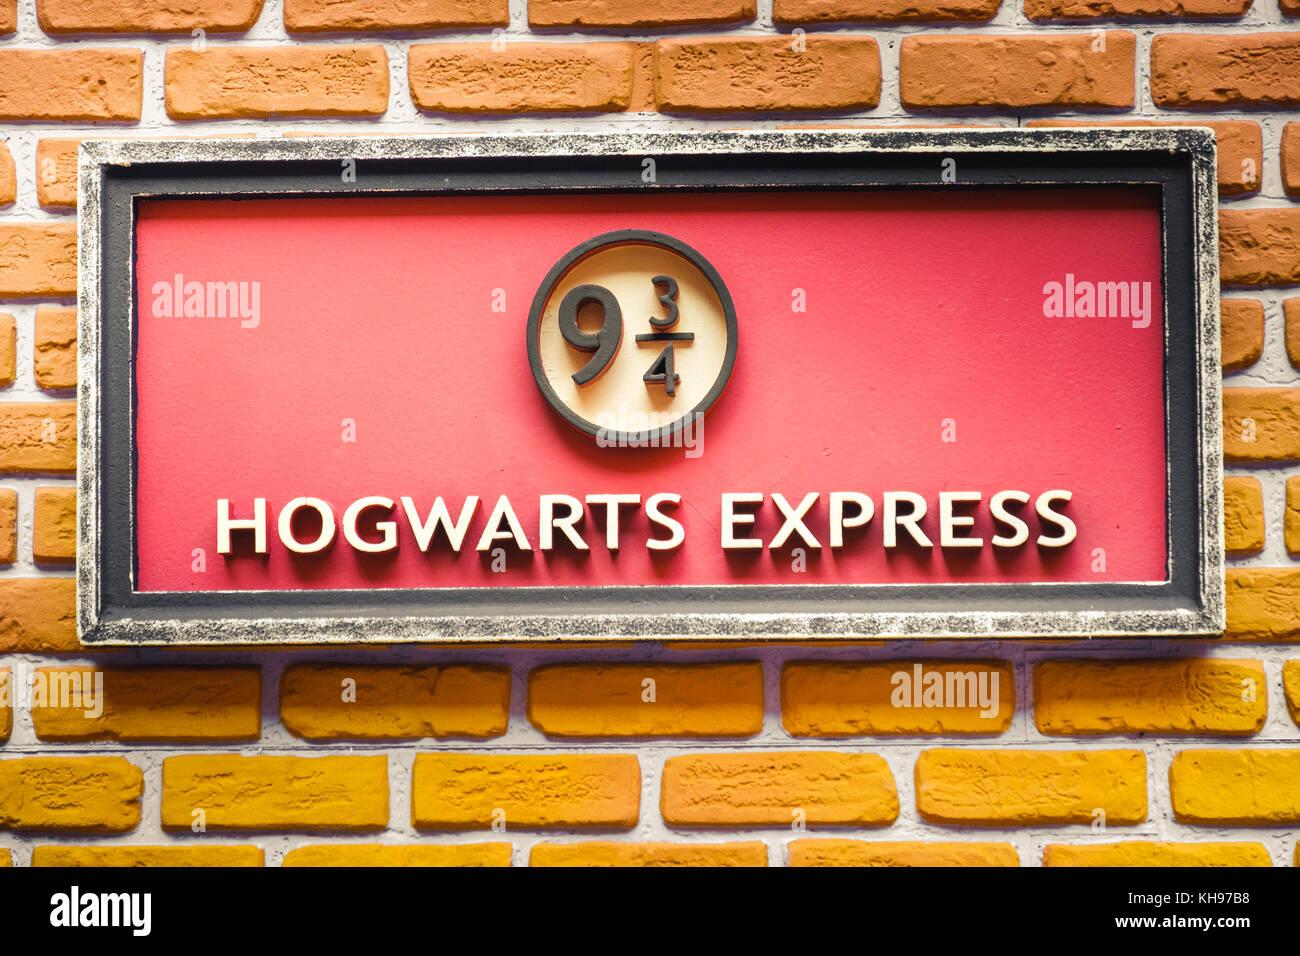 Segno della famosa 9 e tre quarti di piattaforma della scuola di Hogwarts Express treno dalla saga di Harry Potter Immagini Stock